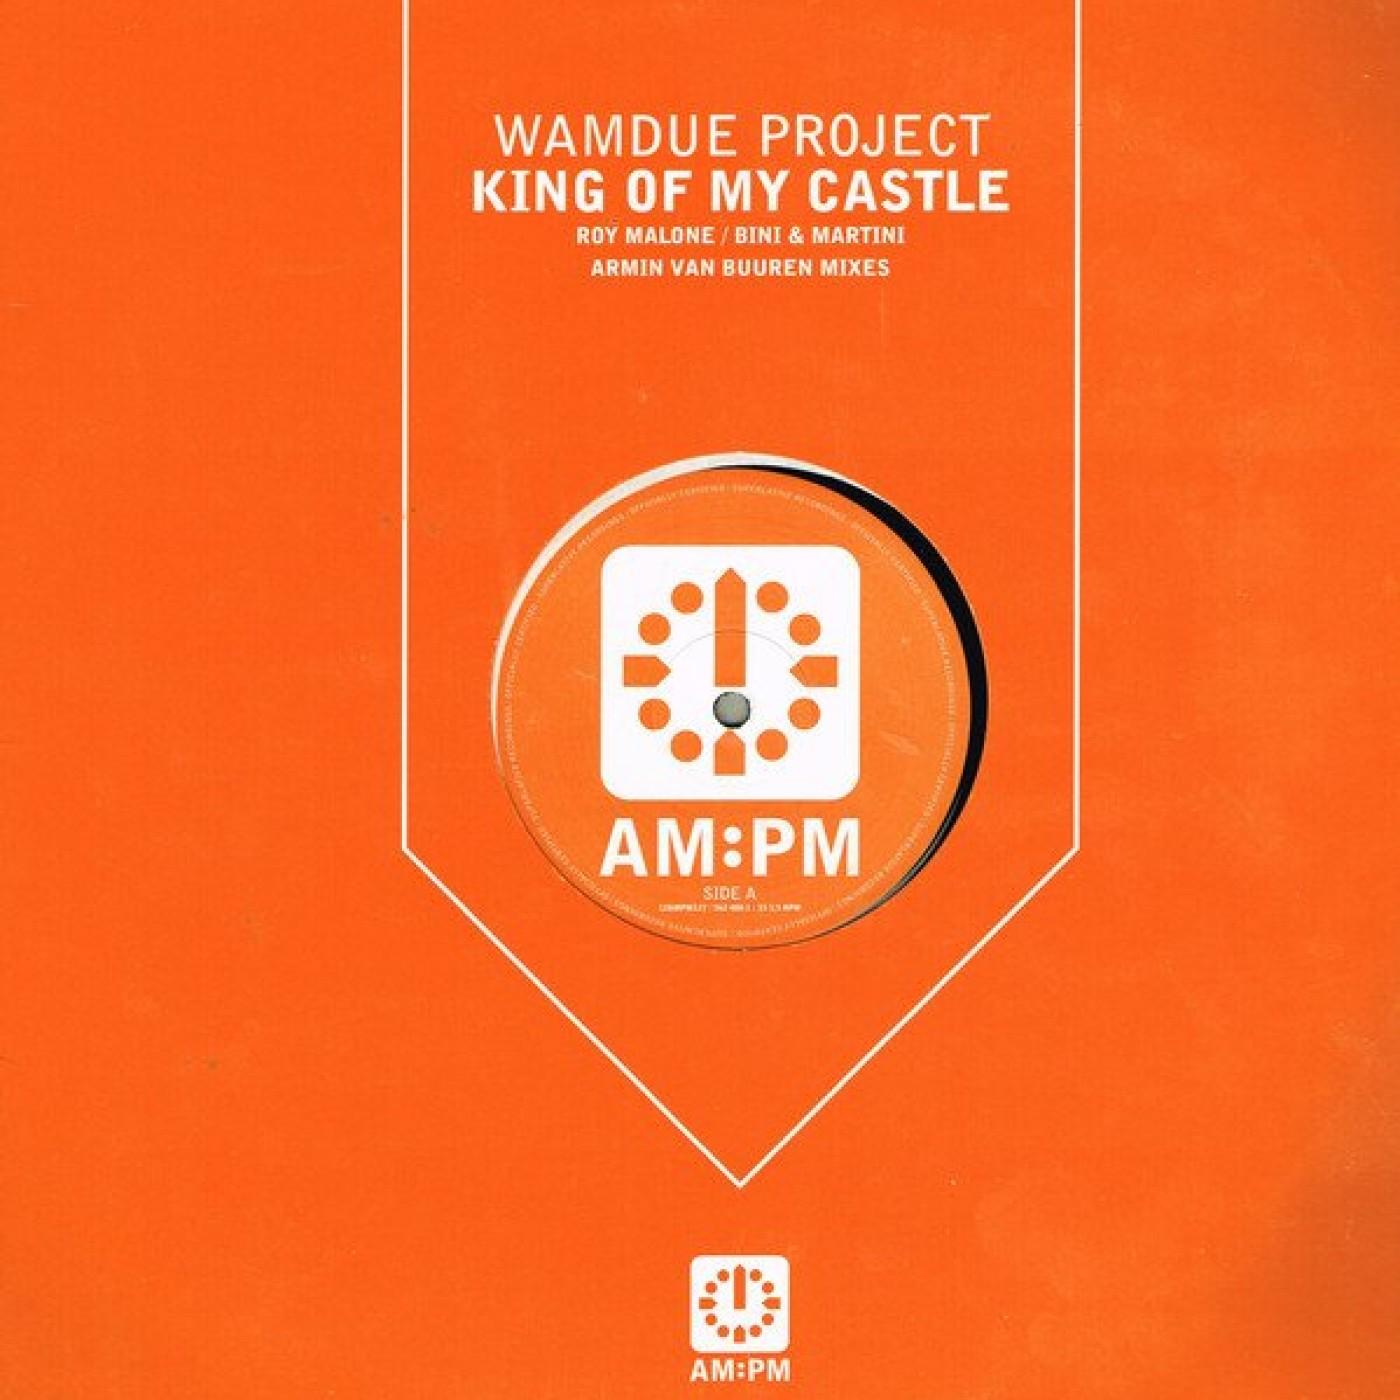 La music story du jour : Wamdue Project